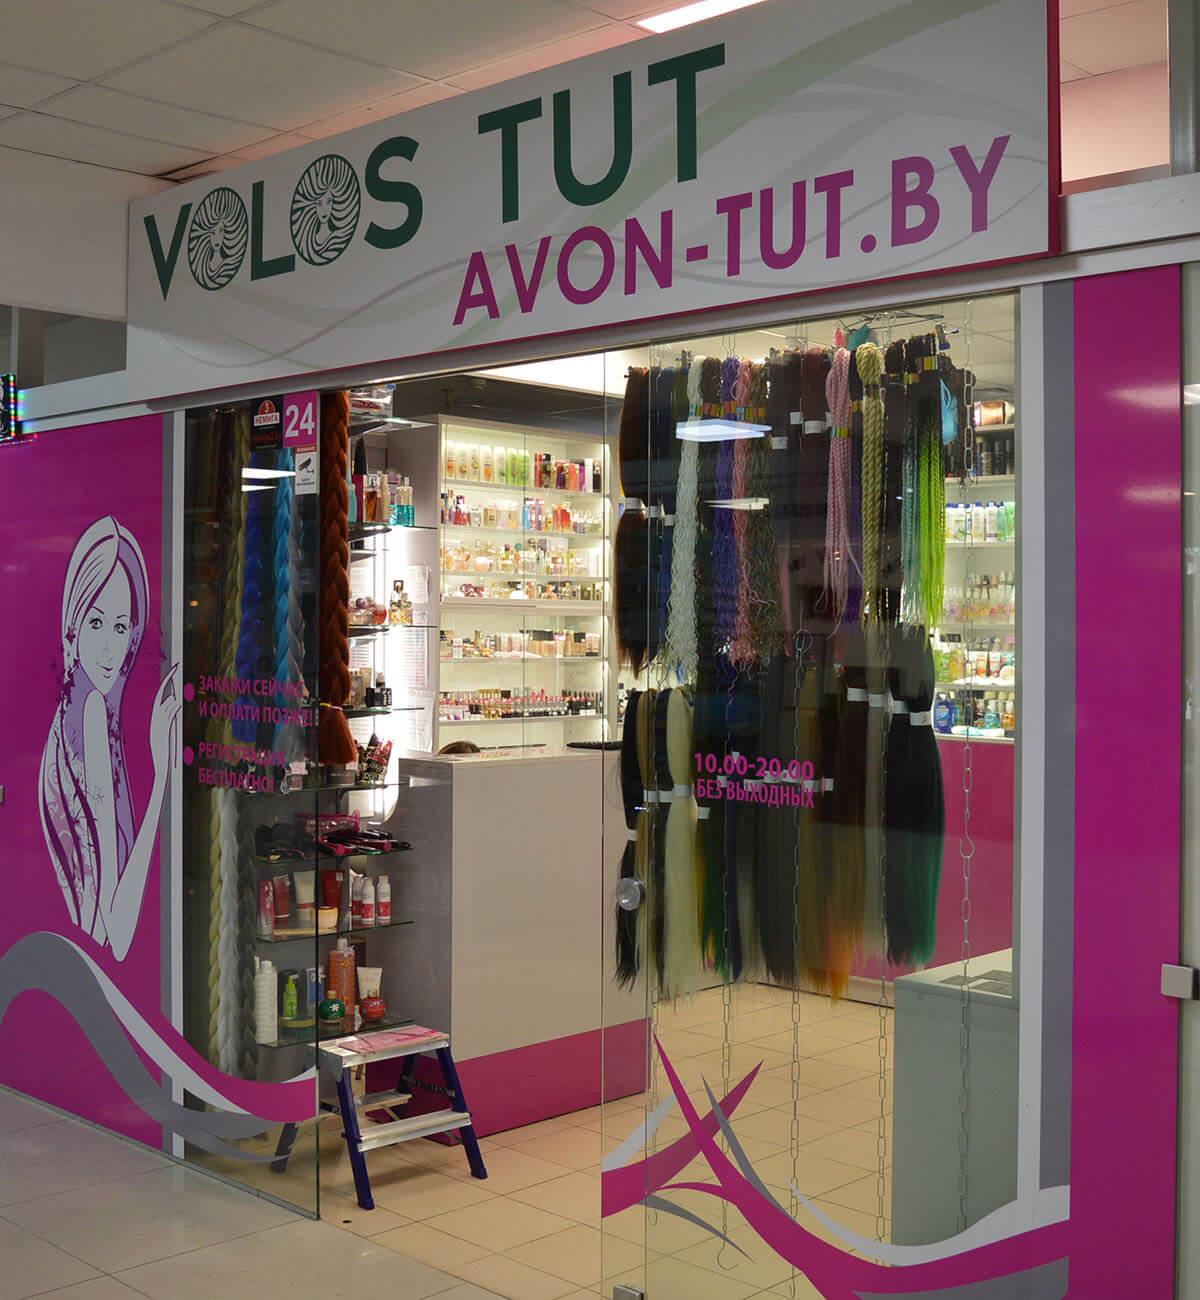 «Avon-tut.by» на 2 этаже в павильоне №24 в Торговом Центре «Немига 3»